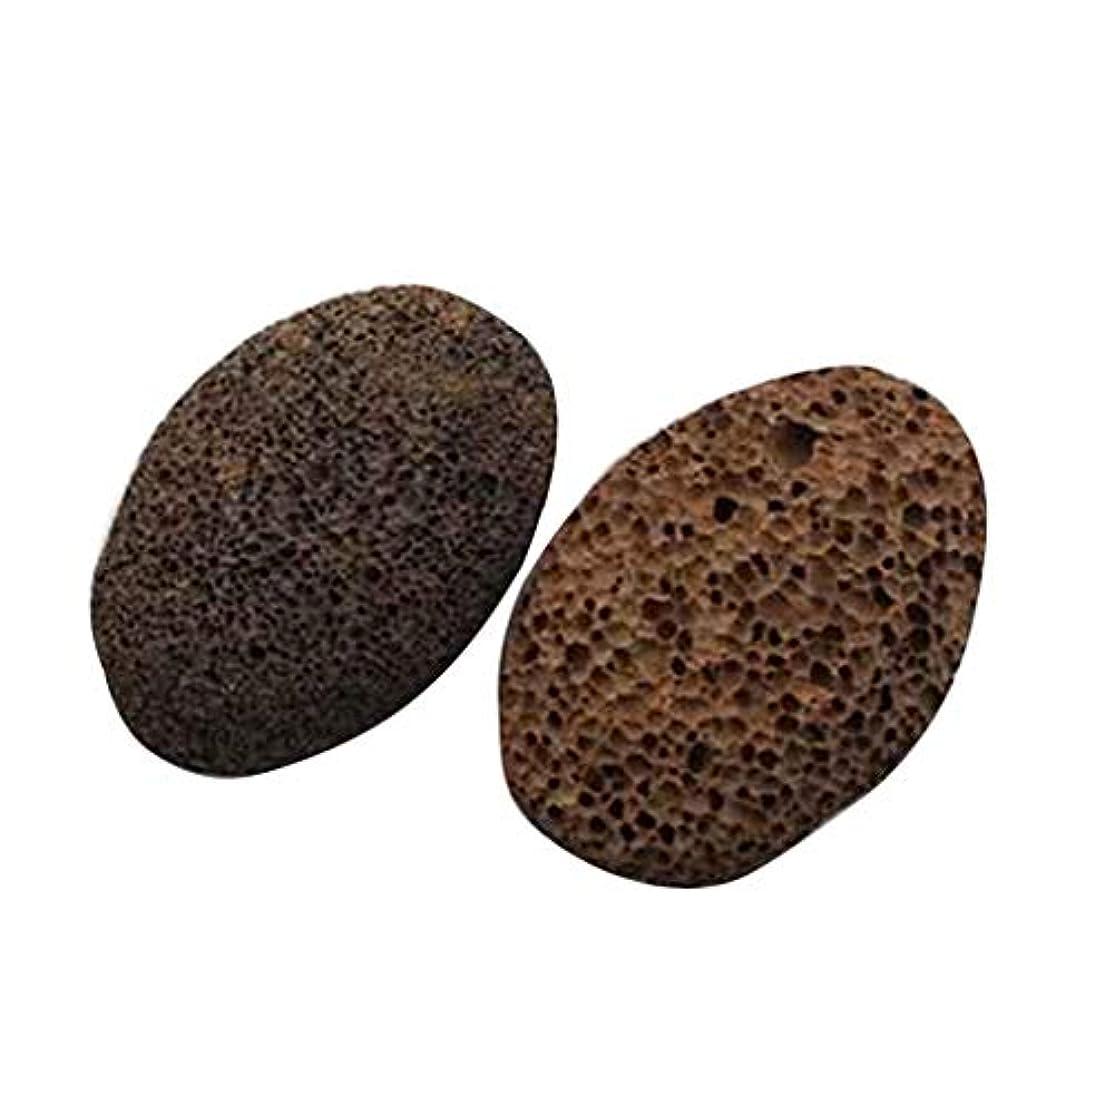 そのような高価な見るNerhaily 死んだ皮軽石を取り除き 足石を挽いて 自然の火山石を剥がします 足マッサージ石 ワイプ足石 2個セット